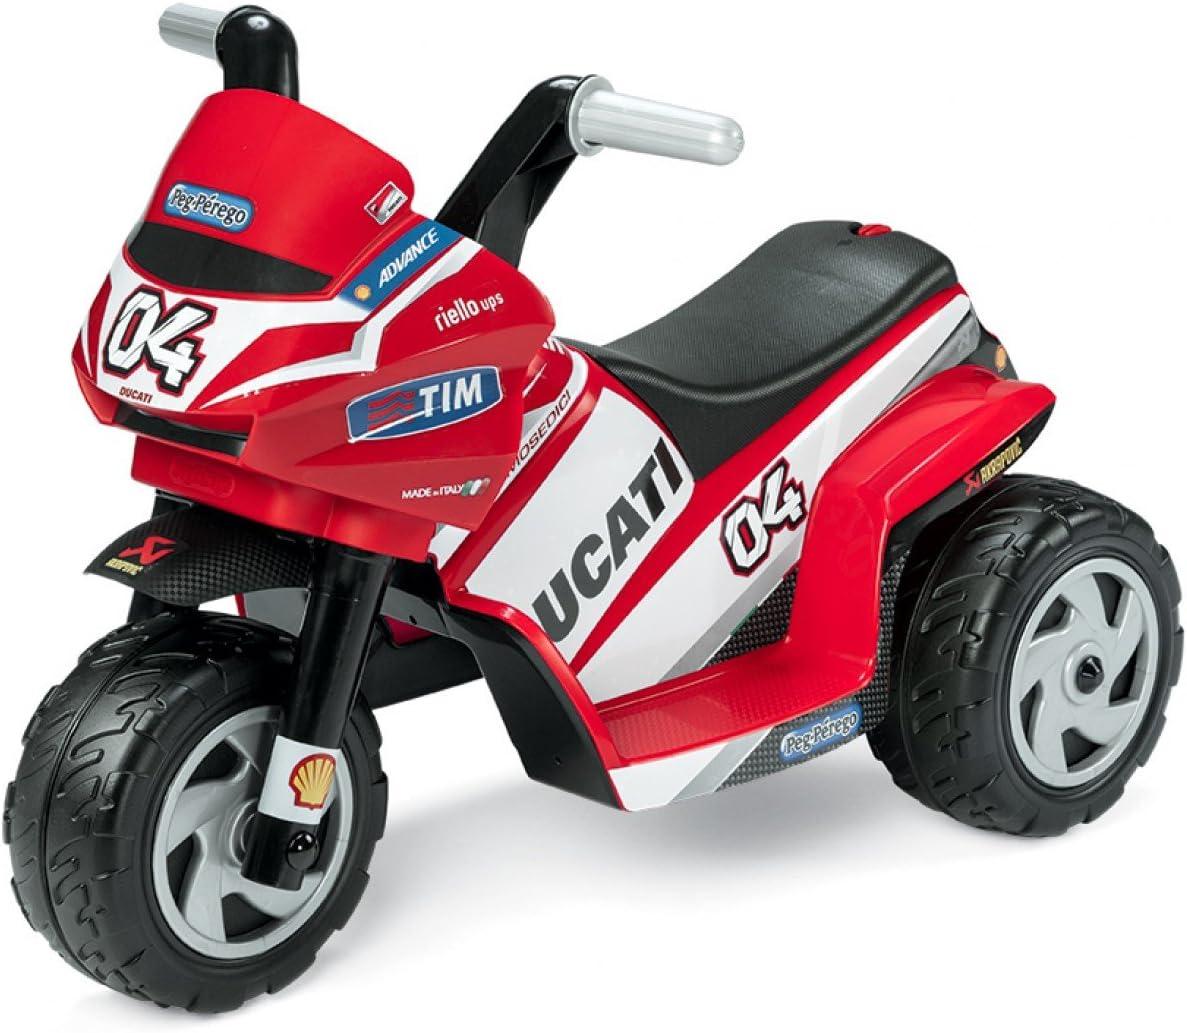 Peg Perego–Mini Ducati Trimoto eléctrica, MD0005, Rojo